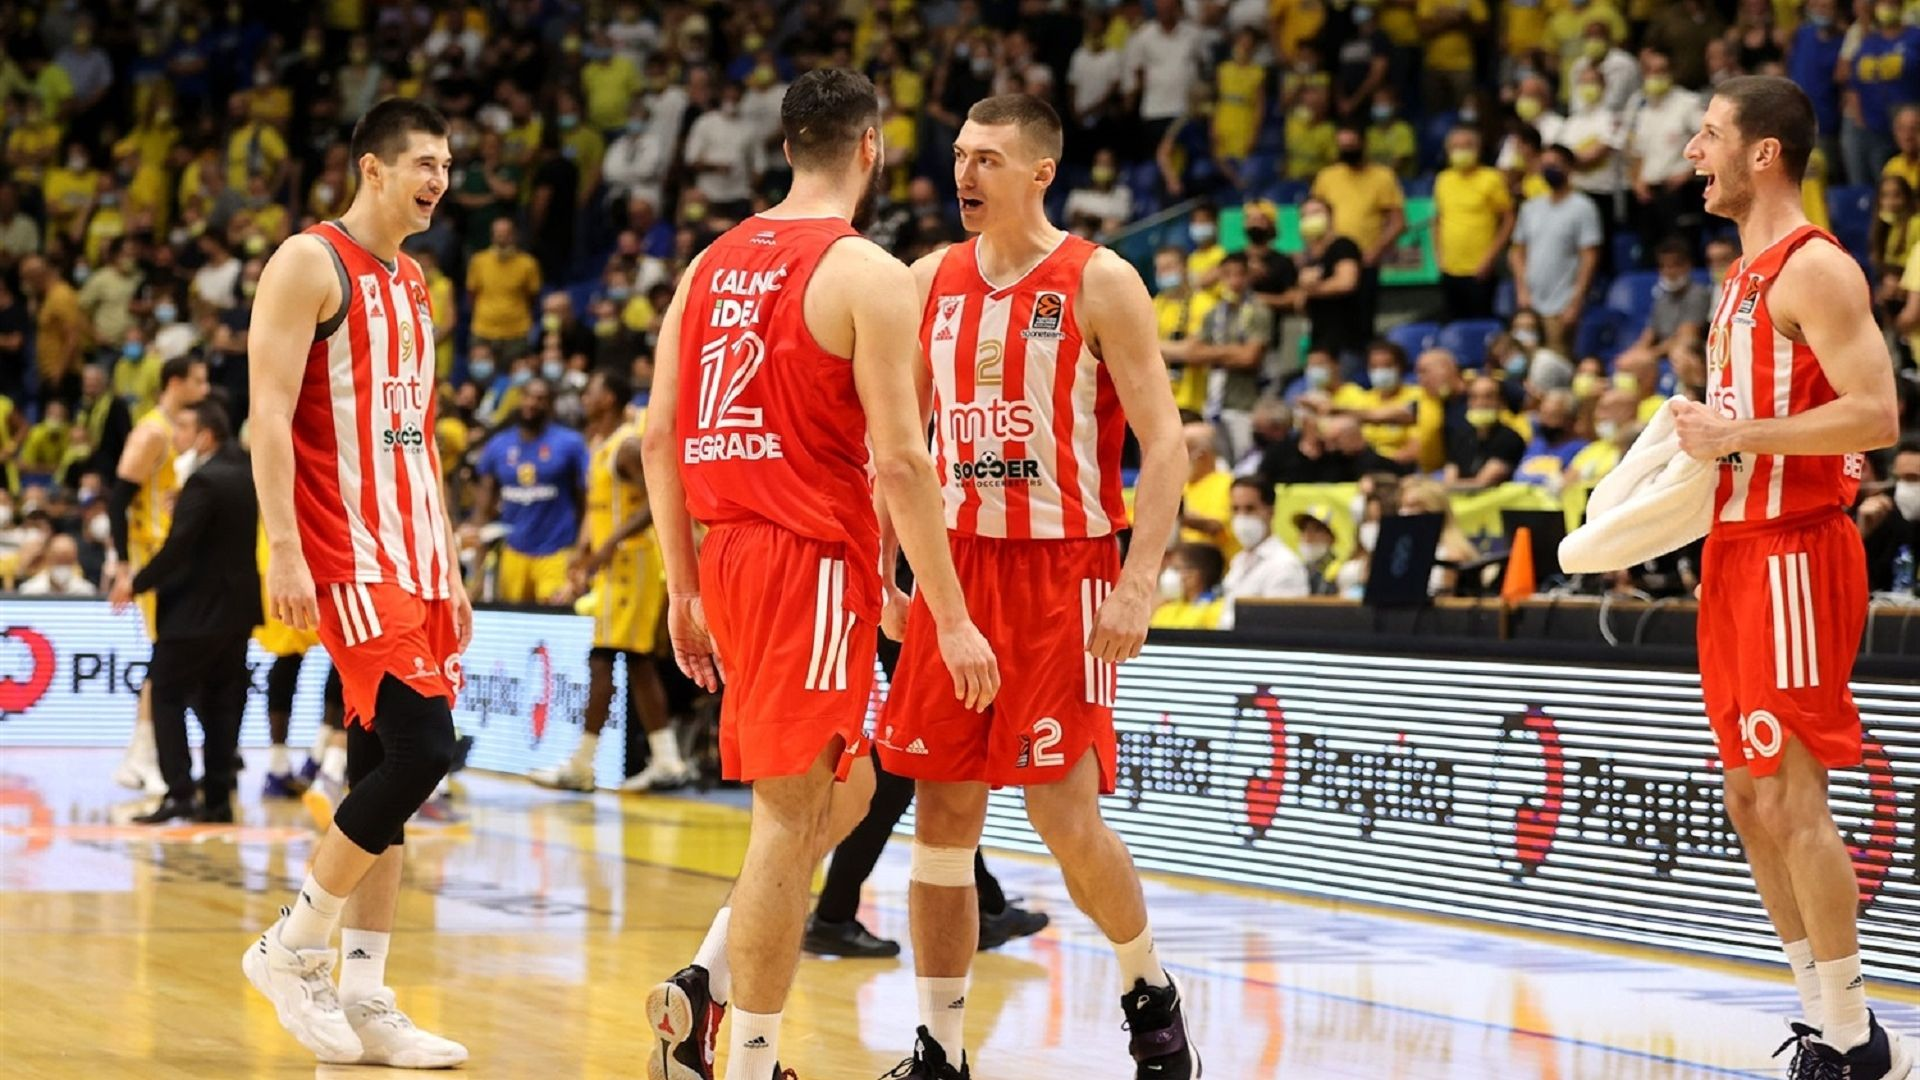 Звезда смълча 10 000 в Тел Авив и взе първа победа за сезона